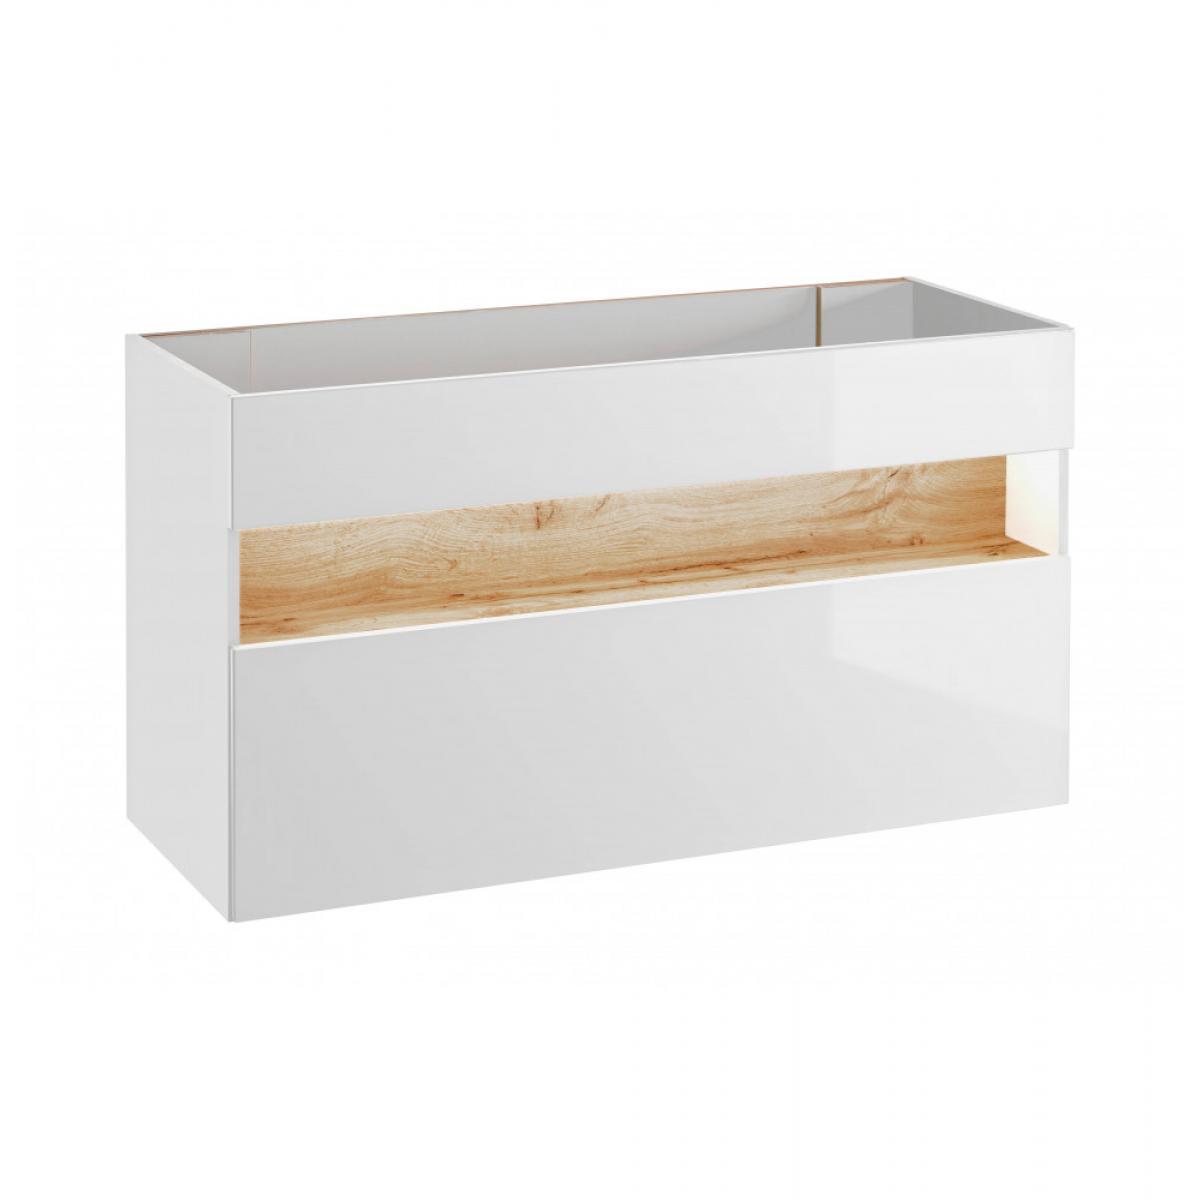 Ac-Deco Meuble sous vasque avec LED - 68 x 120 x 46 cm- Bahama White